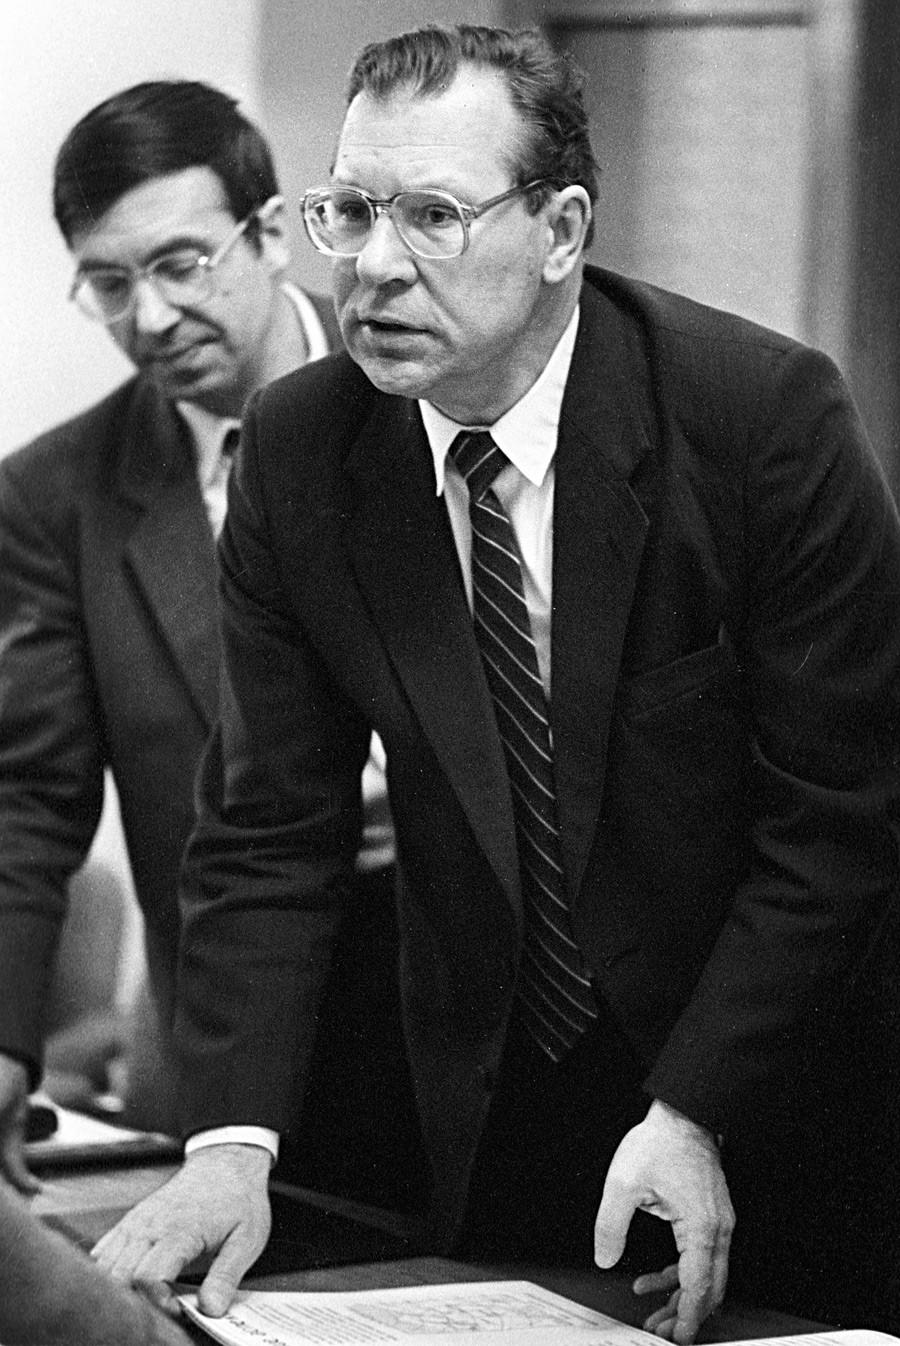 Akademik Valerij Legasov (desno), prvi zamjenik ravnatelja Instituta za atomsku energiju Kurčatov, koji je sudjelovao u utvrđivanju uzroka nesreće koja se dogodila u nuklearnoj elektrani u Černobilu 26. travnja 1986.